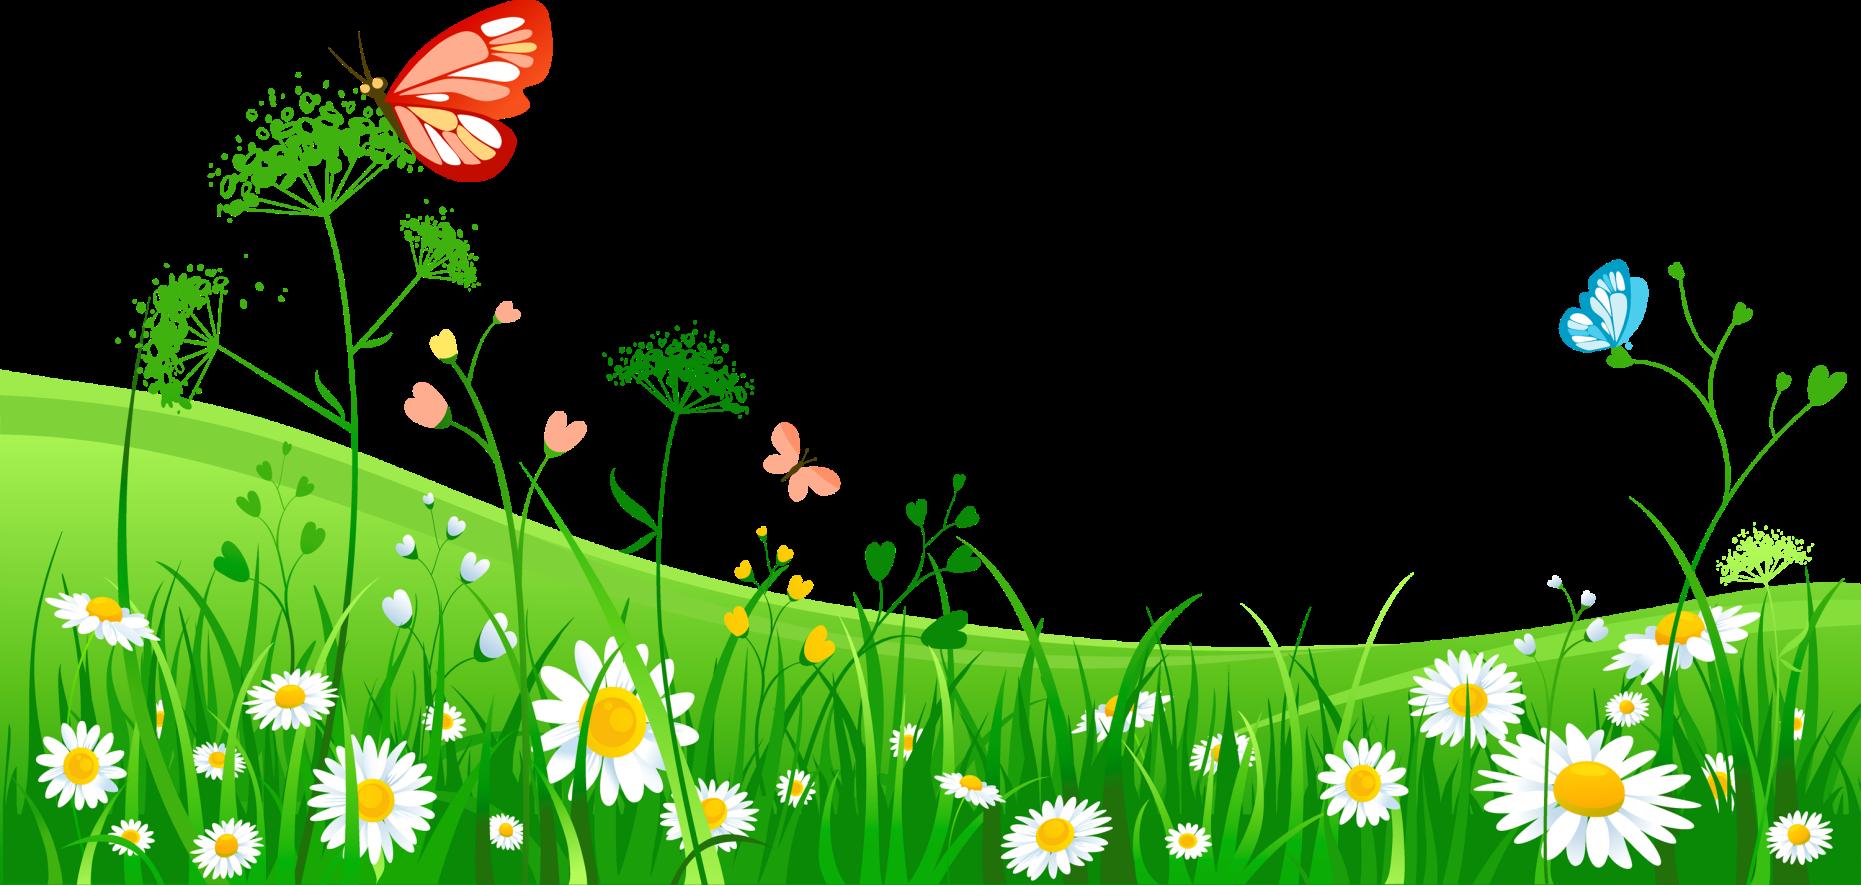 основном картинки рисовать к теме весна и ромашки этот метод более